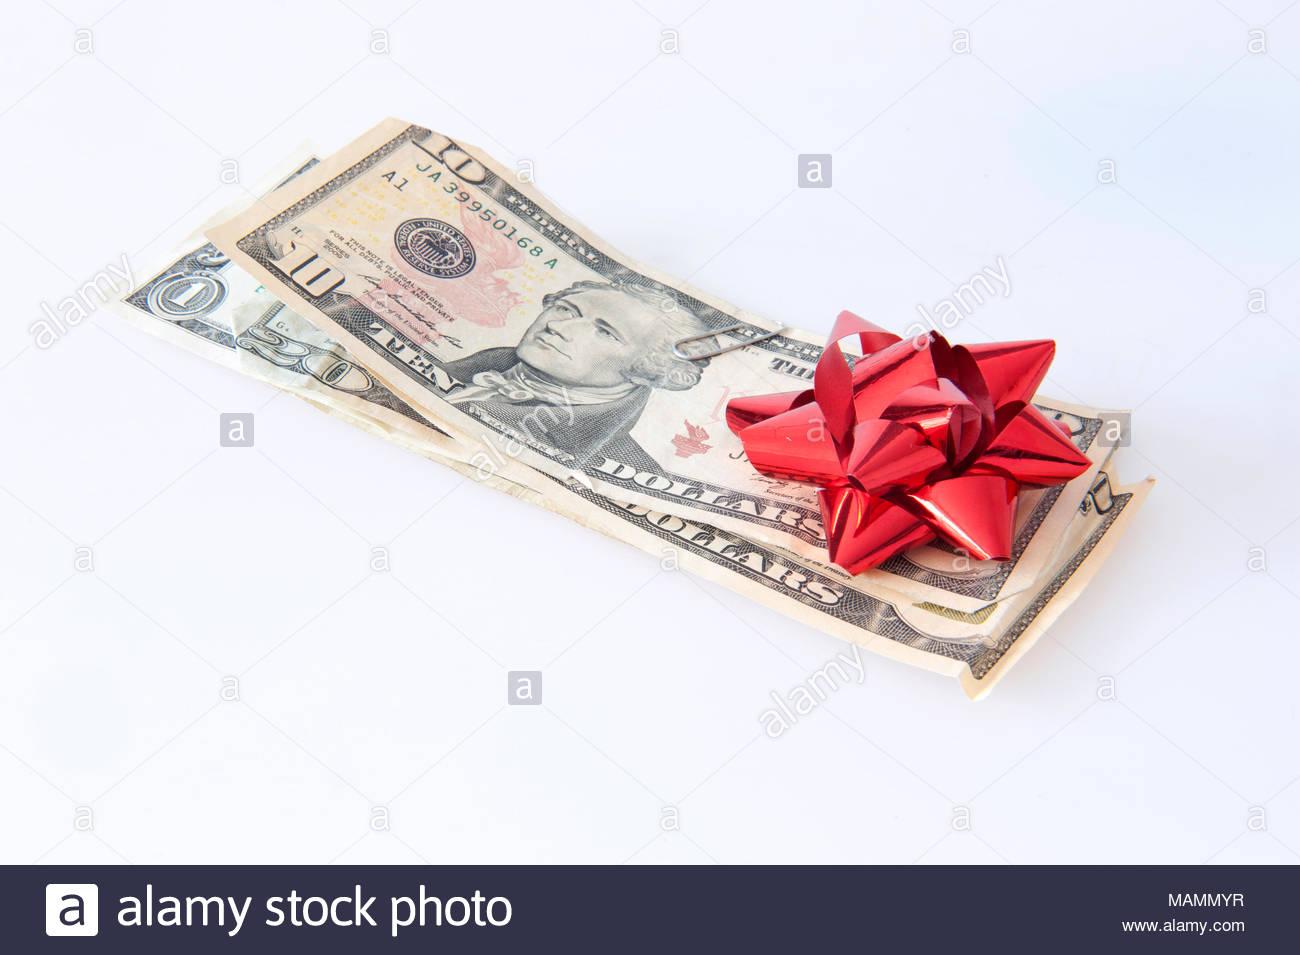 Geschenke Von Geld Stockfotos & Geschenke Von Geld Bilder - Alamy